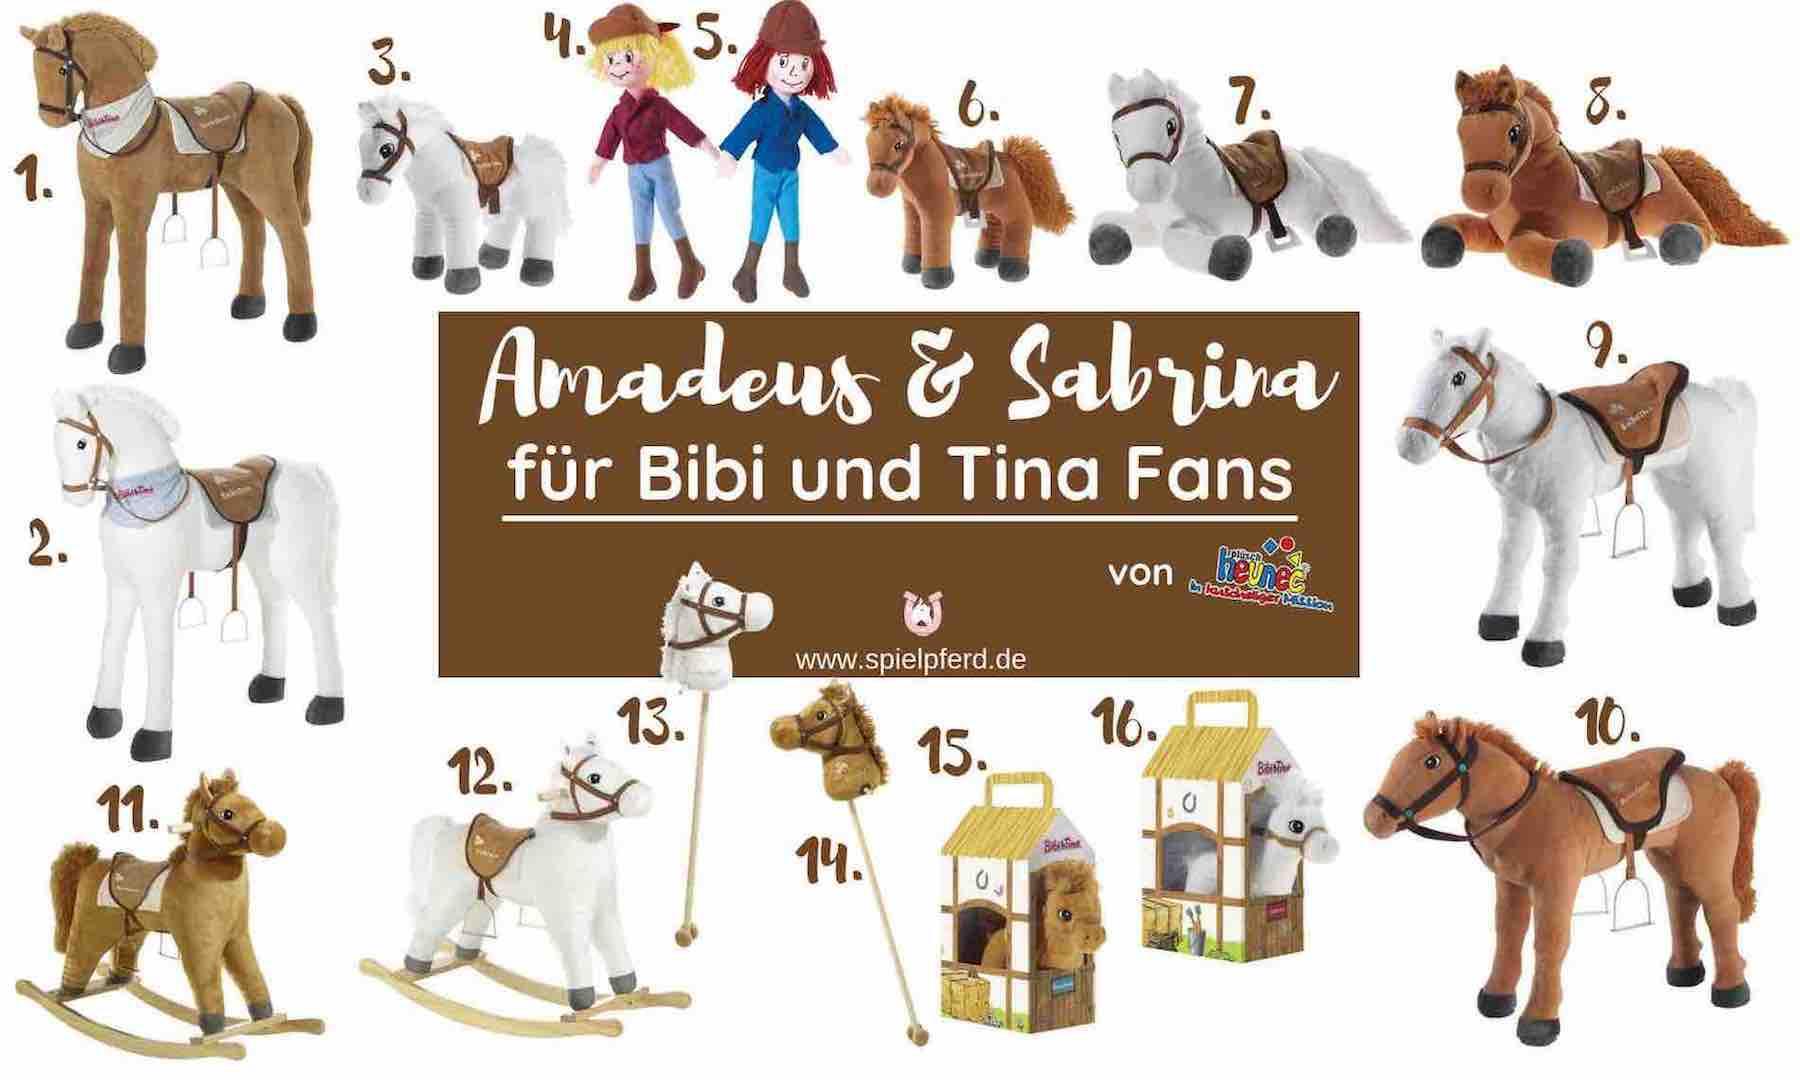 amadeus und sabrina pferde von heunec  kuschelweiche